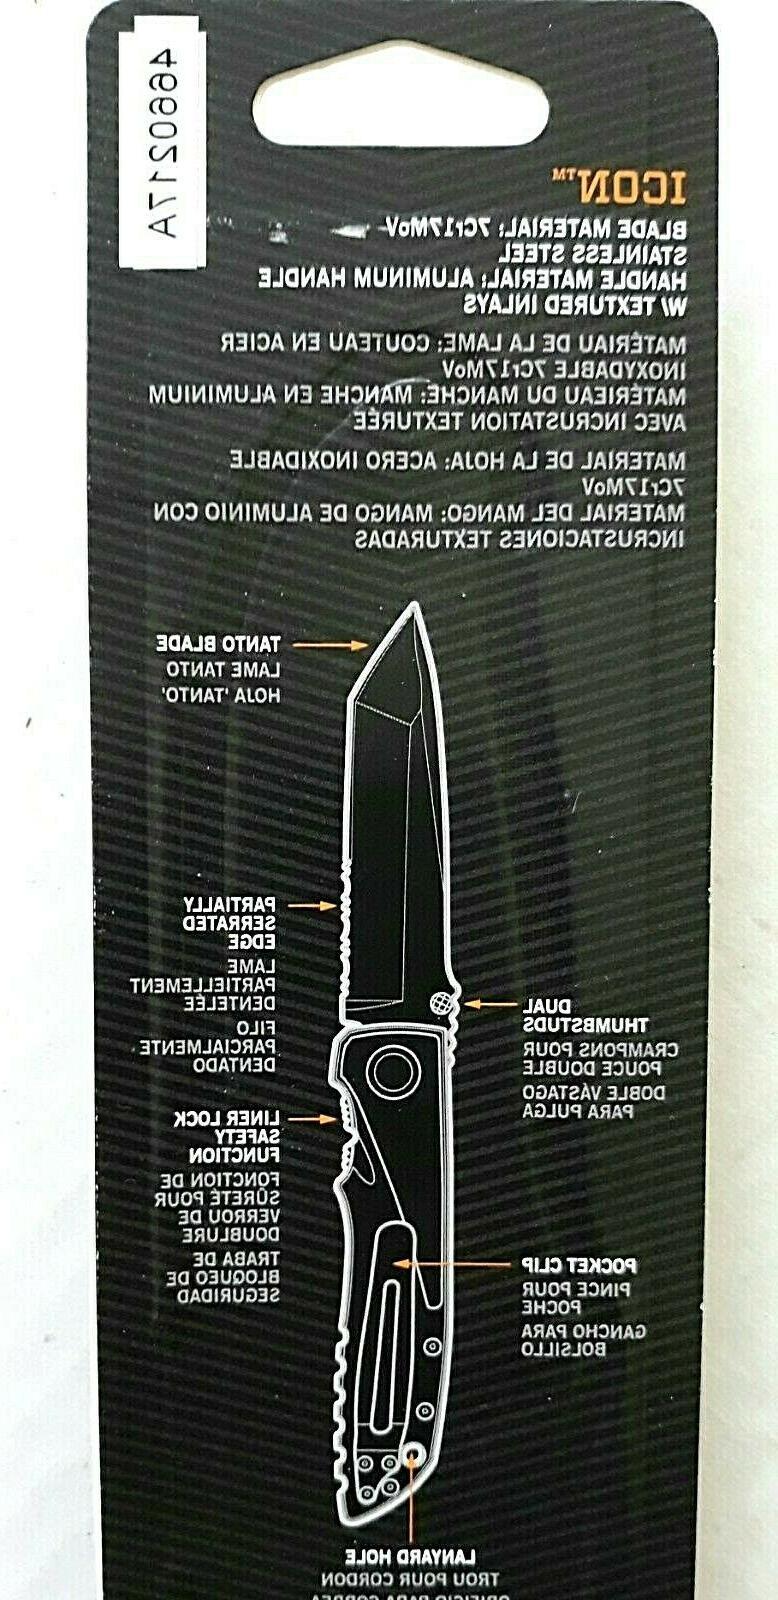 Gerber Large Aluminum Folding 7Cr17MoV Blade Pocket